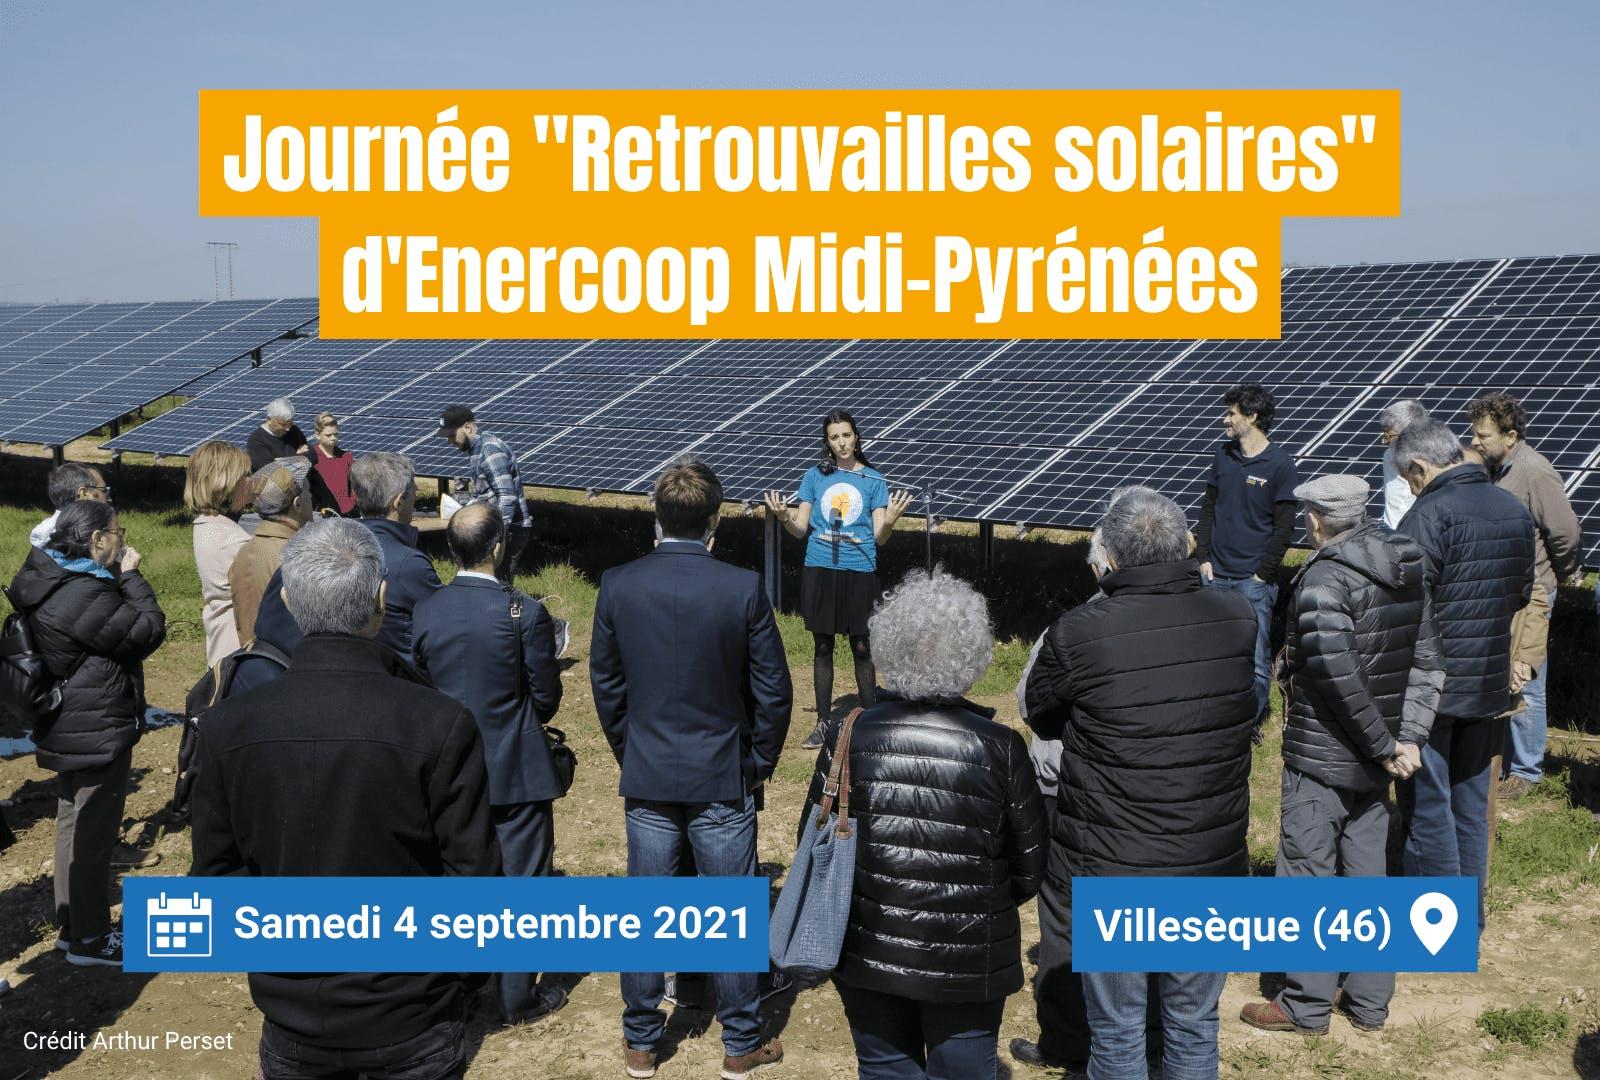 """Visuel d'annonce de la journée """"Retrouvailles solaires"""" organisée par Enercoop Midi-Pyrénées le 4 septembre 2021"""